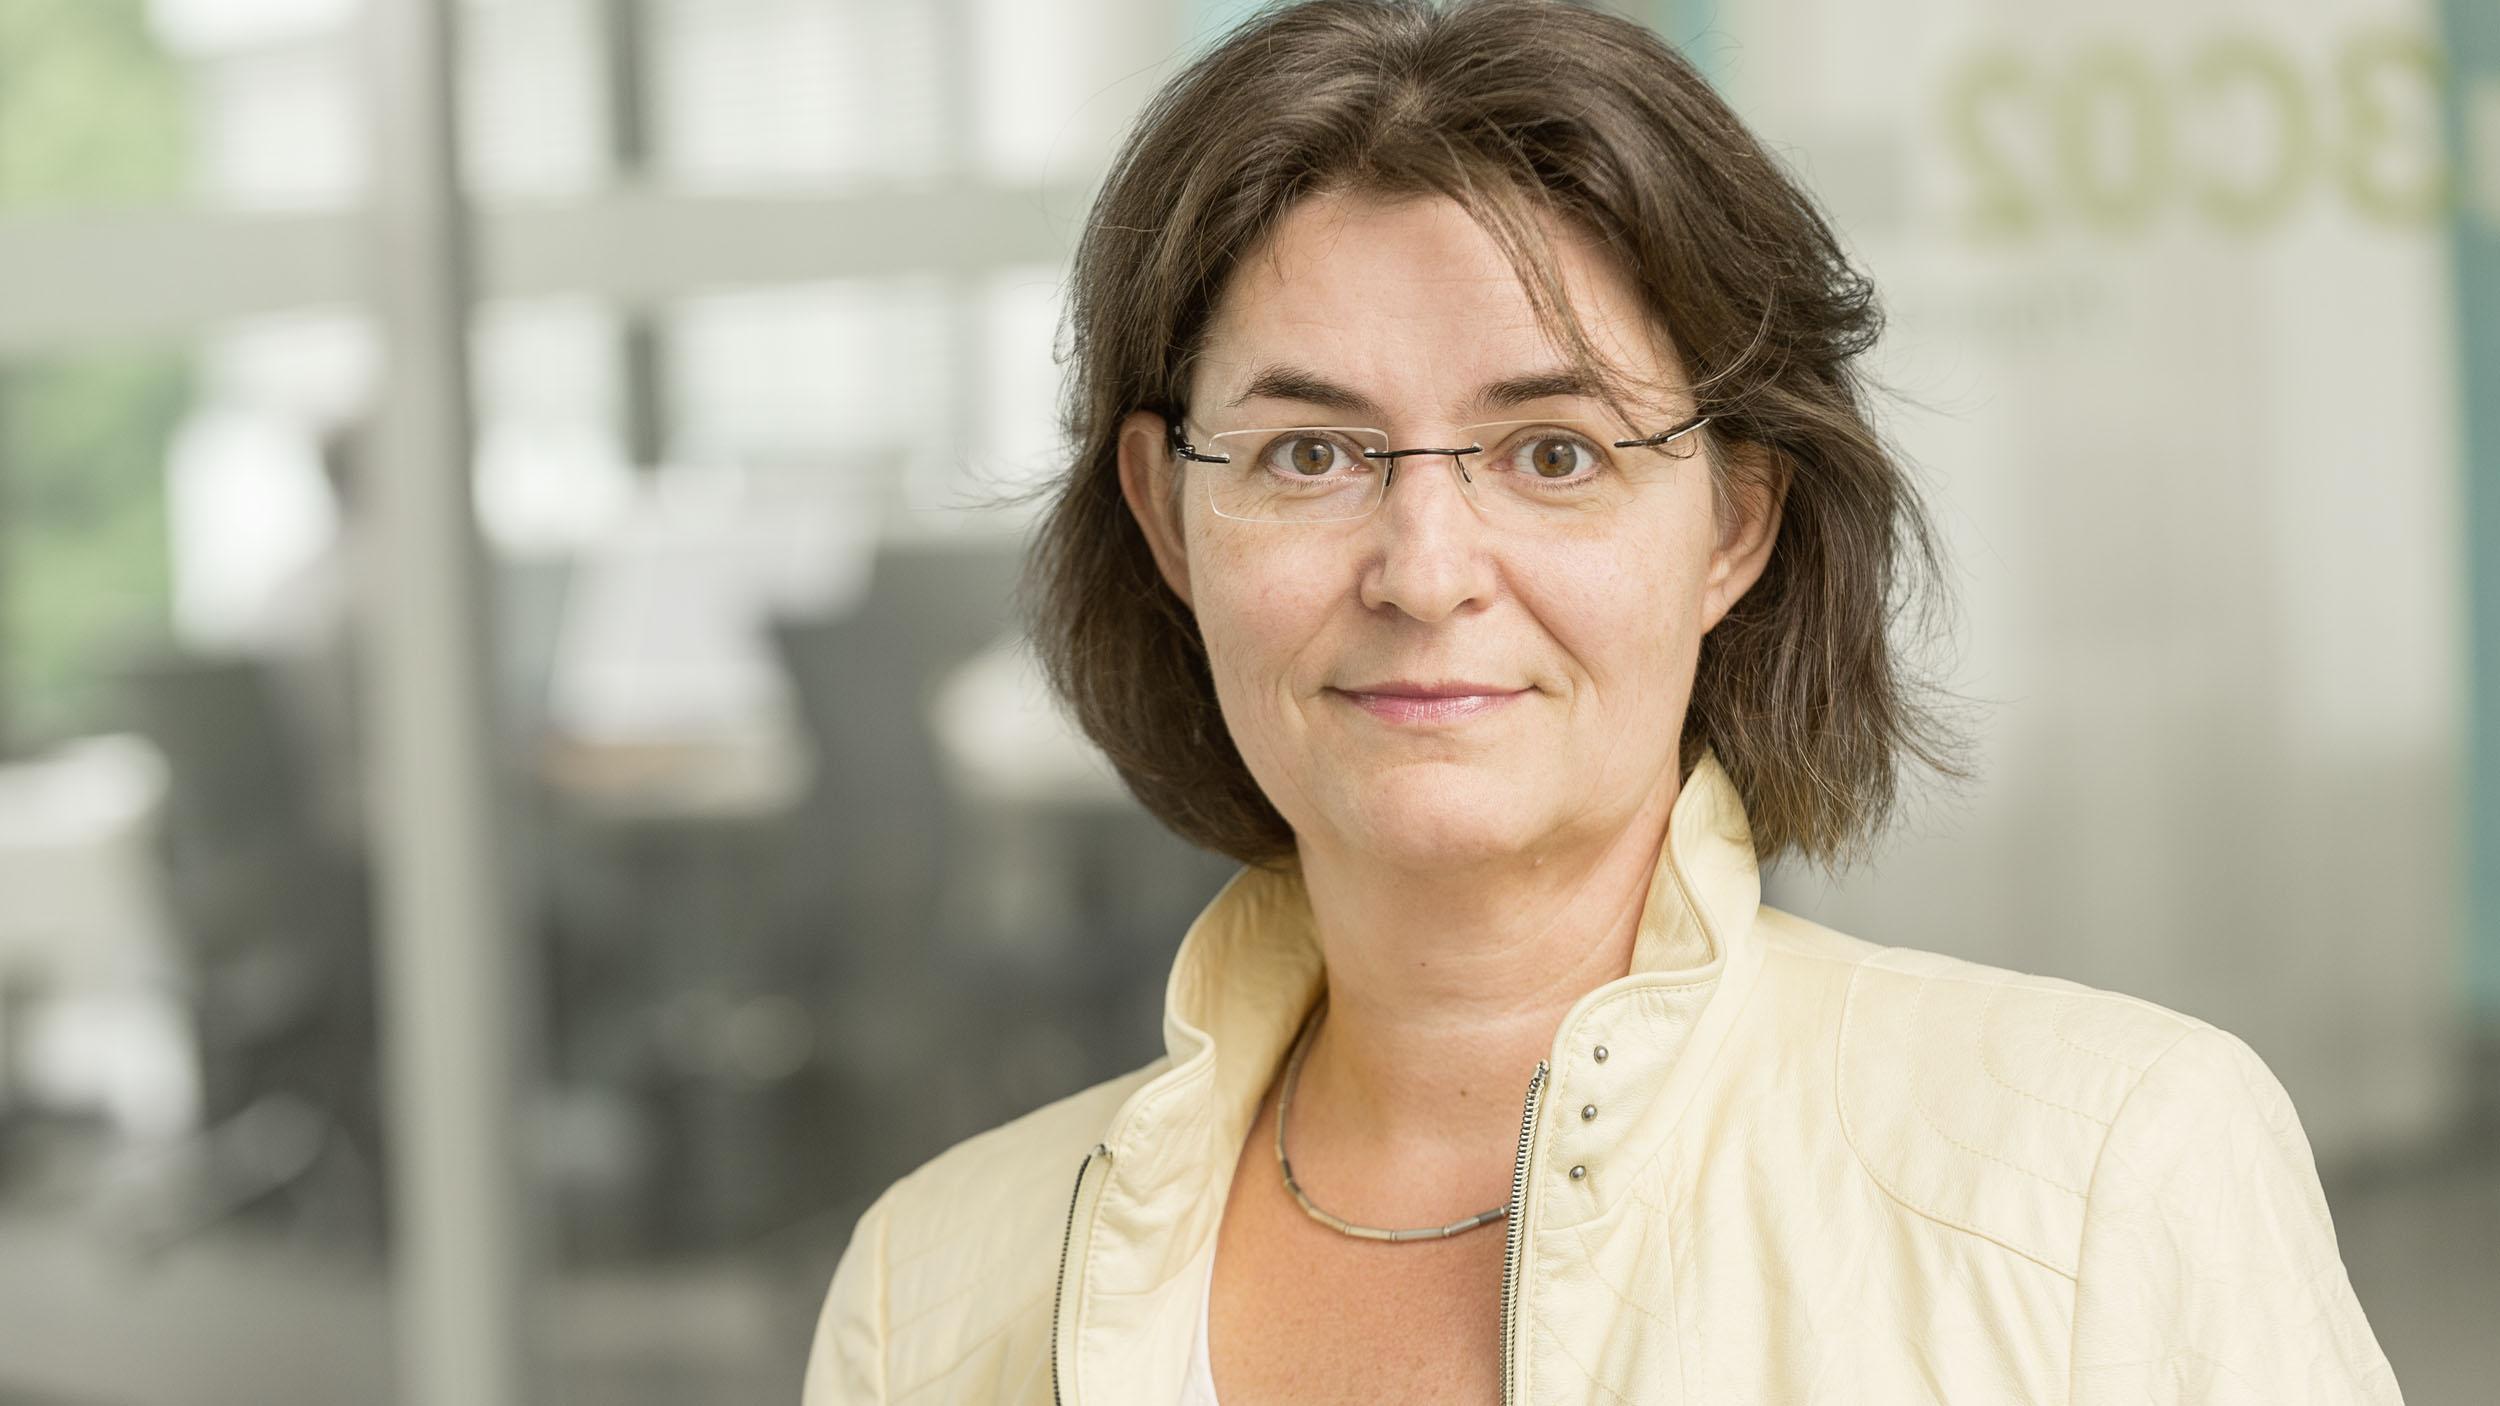 Claudia Arnold